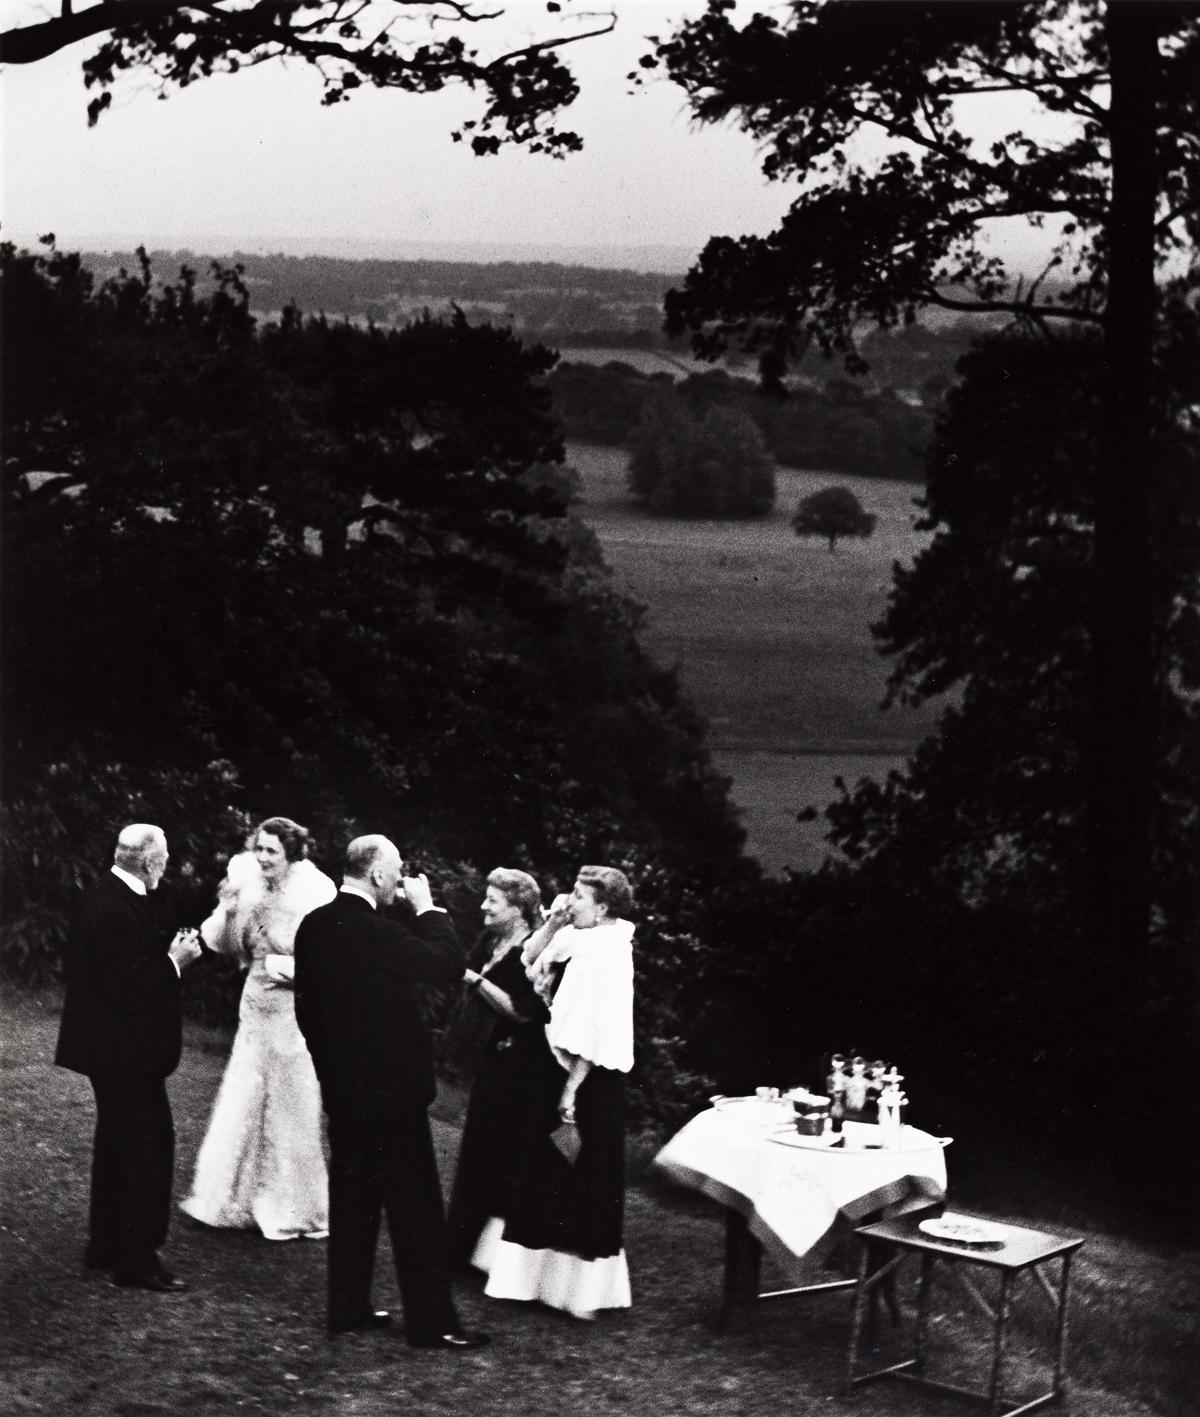 BILL-BRANDT-(1904-1983)-Cocktails-in-a-Surrey-Garden